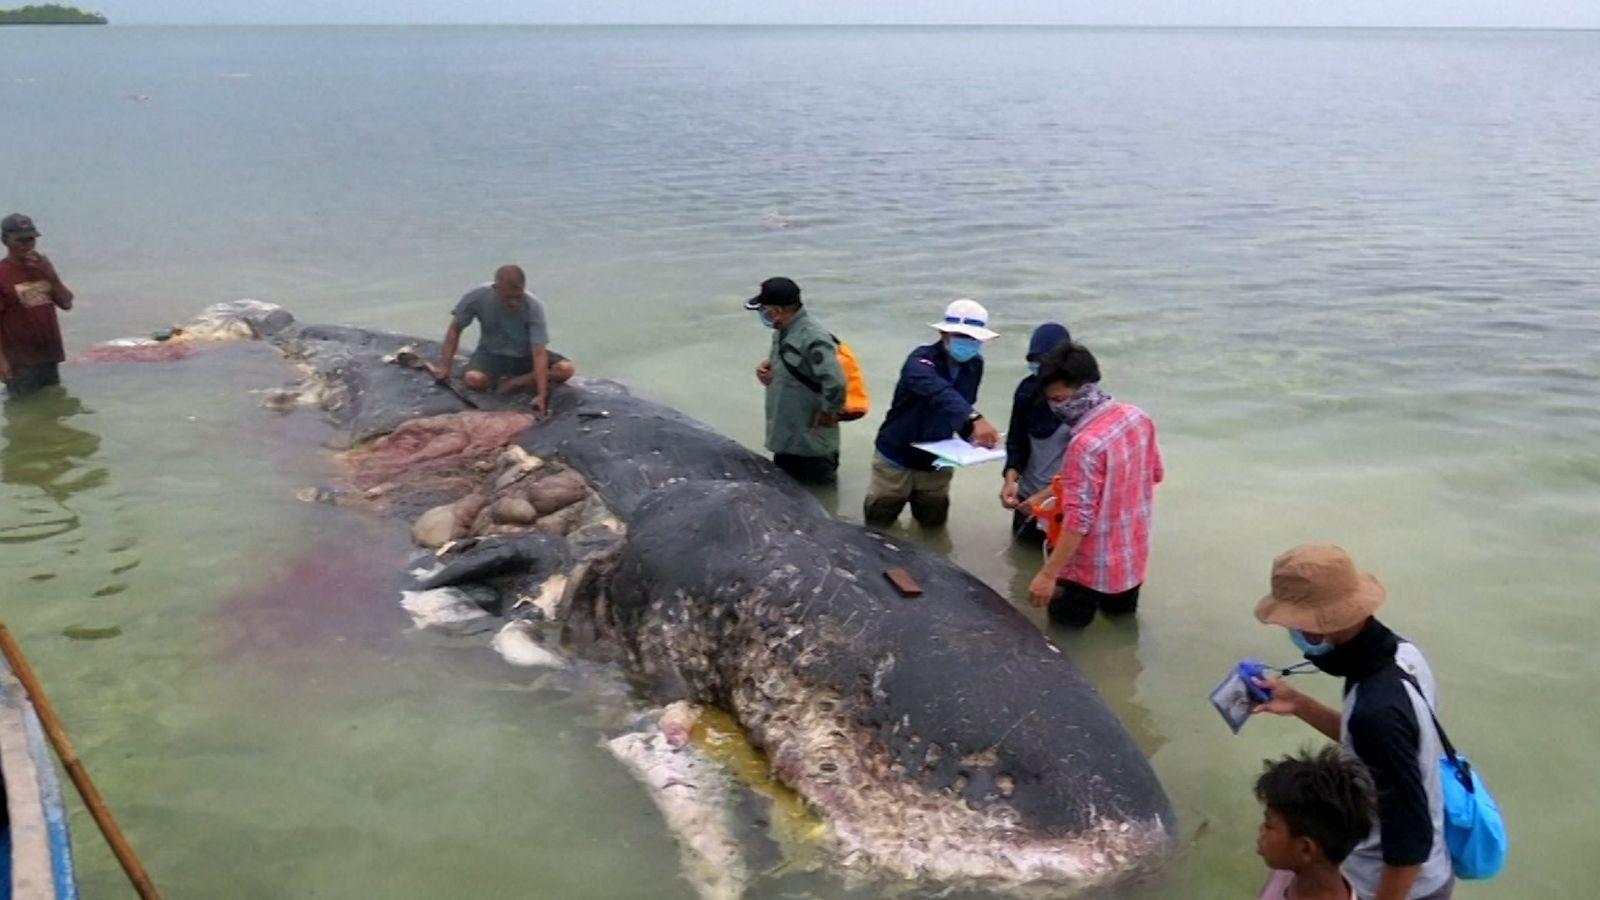 Encontrado Cachalote Morto Com Seis Quilos de Plástico no Estômago. O animal tinha ingerido sacos de ...